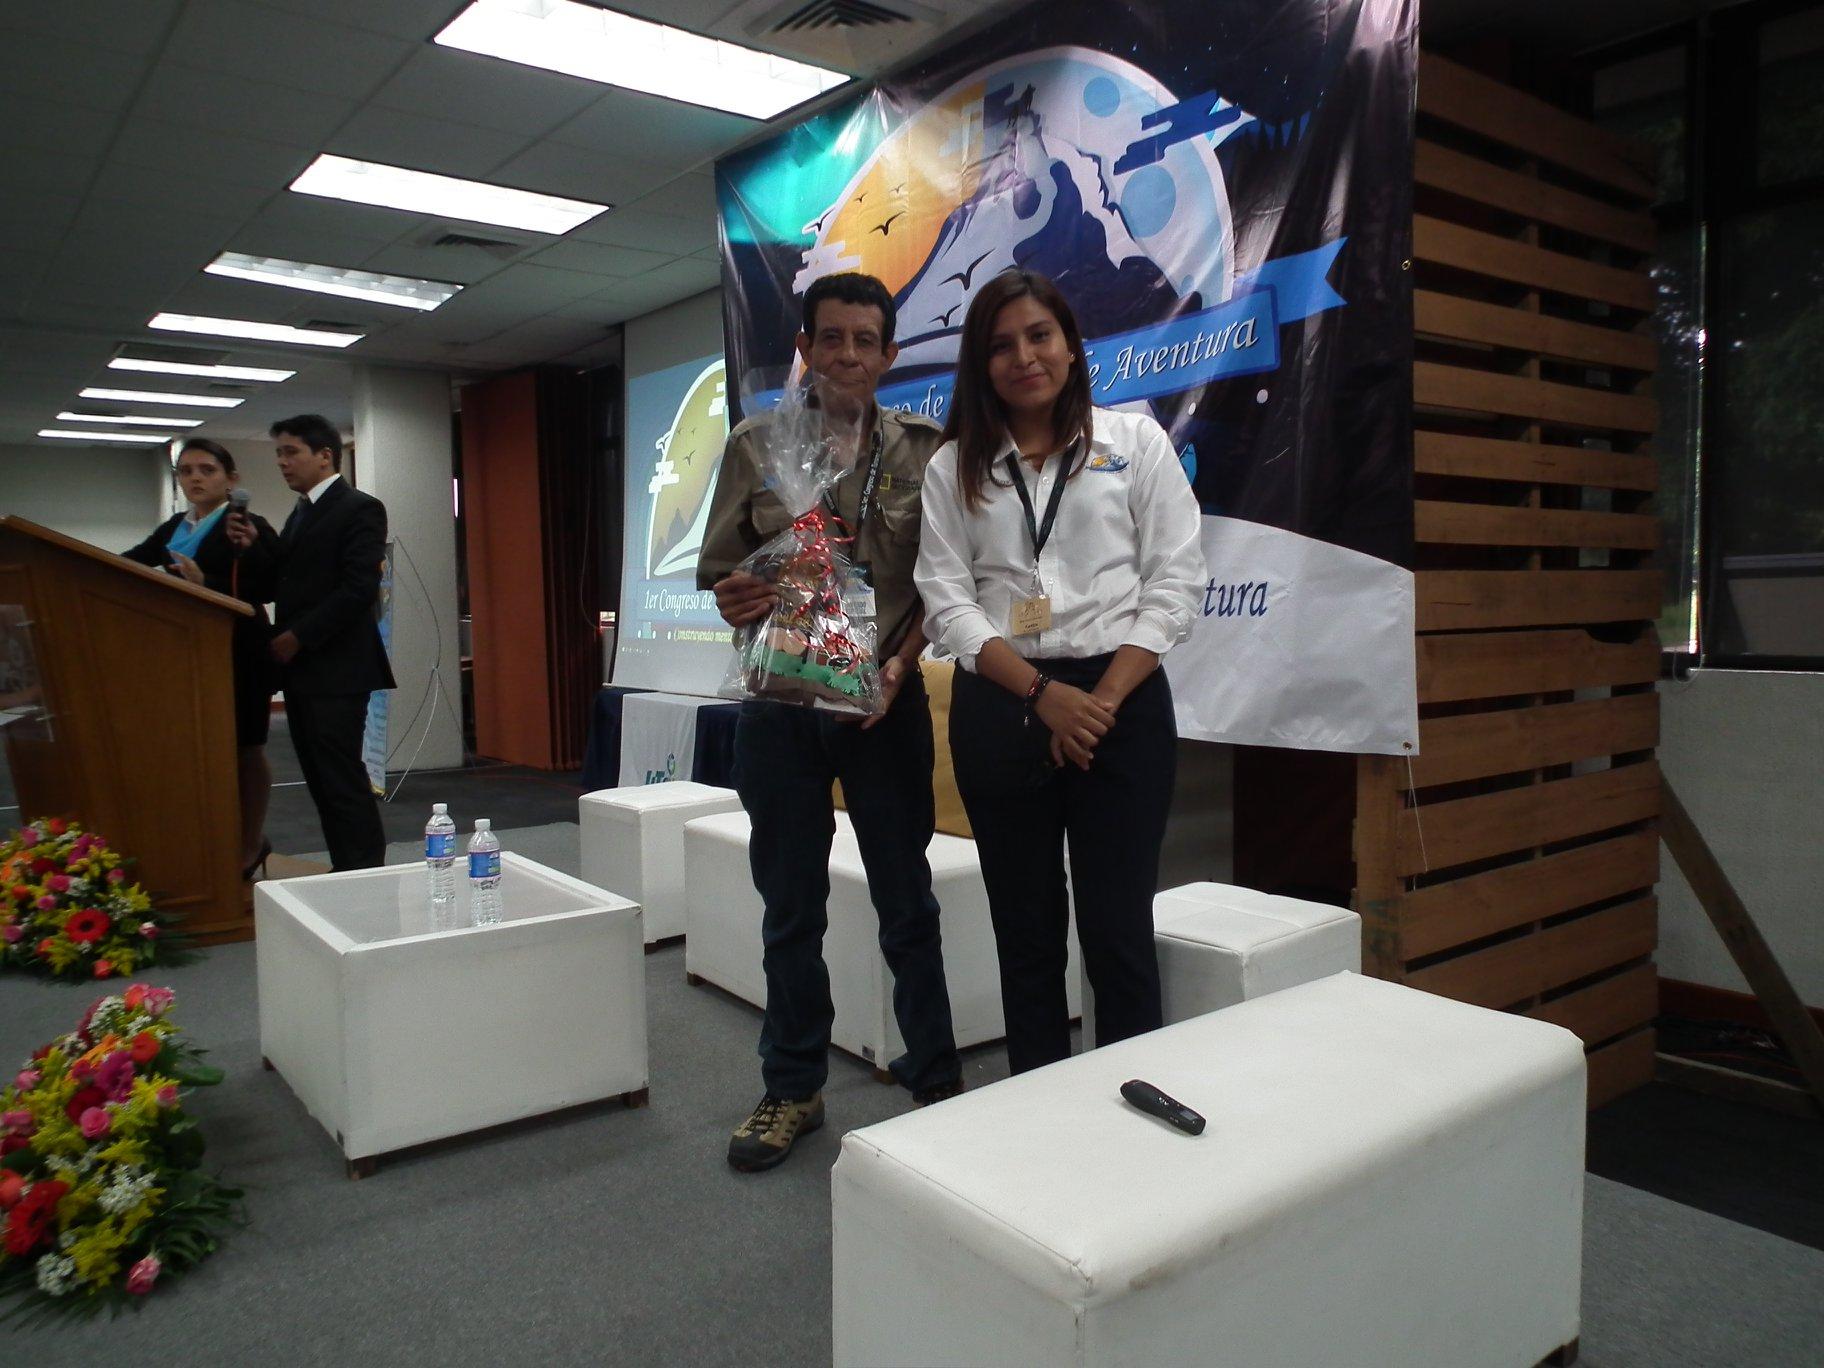 1er. Congreso de Turismo de Aventura organizado por los alumnos de turismo 8° de la UTCV campus Cuitláhuac, Ver. Viernes 13 de Abril del 2018